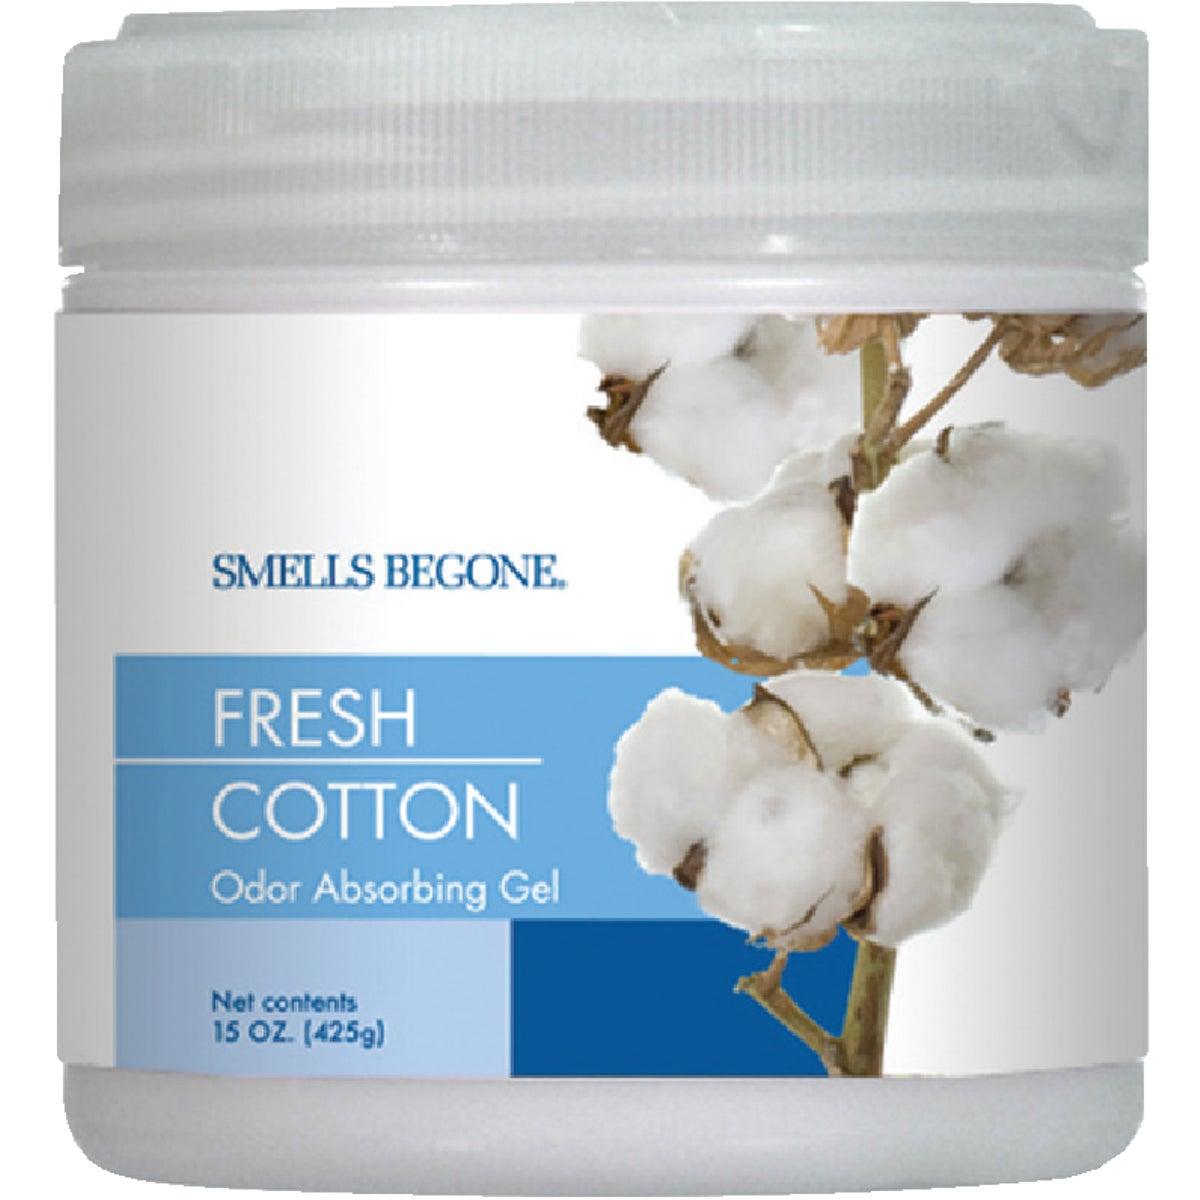 Smells Begone Odor Absorber Solid Air Freshener